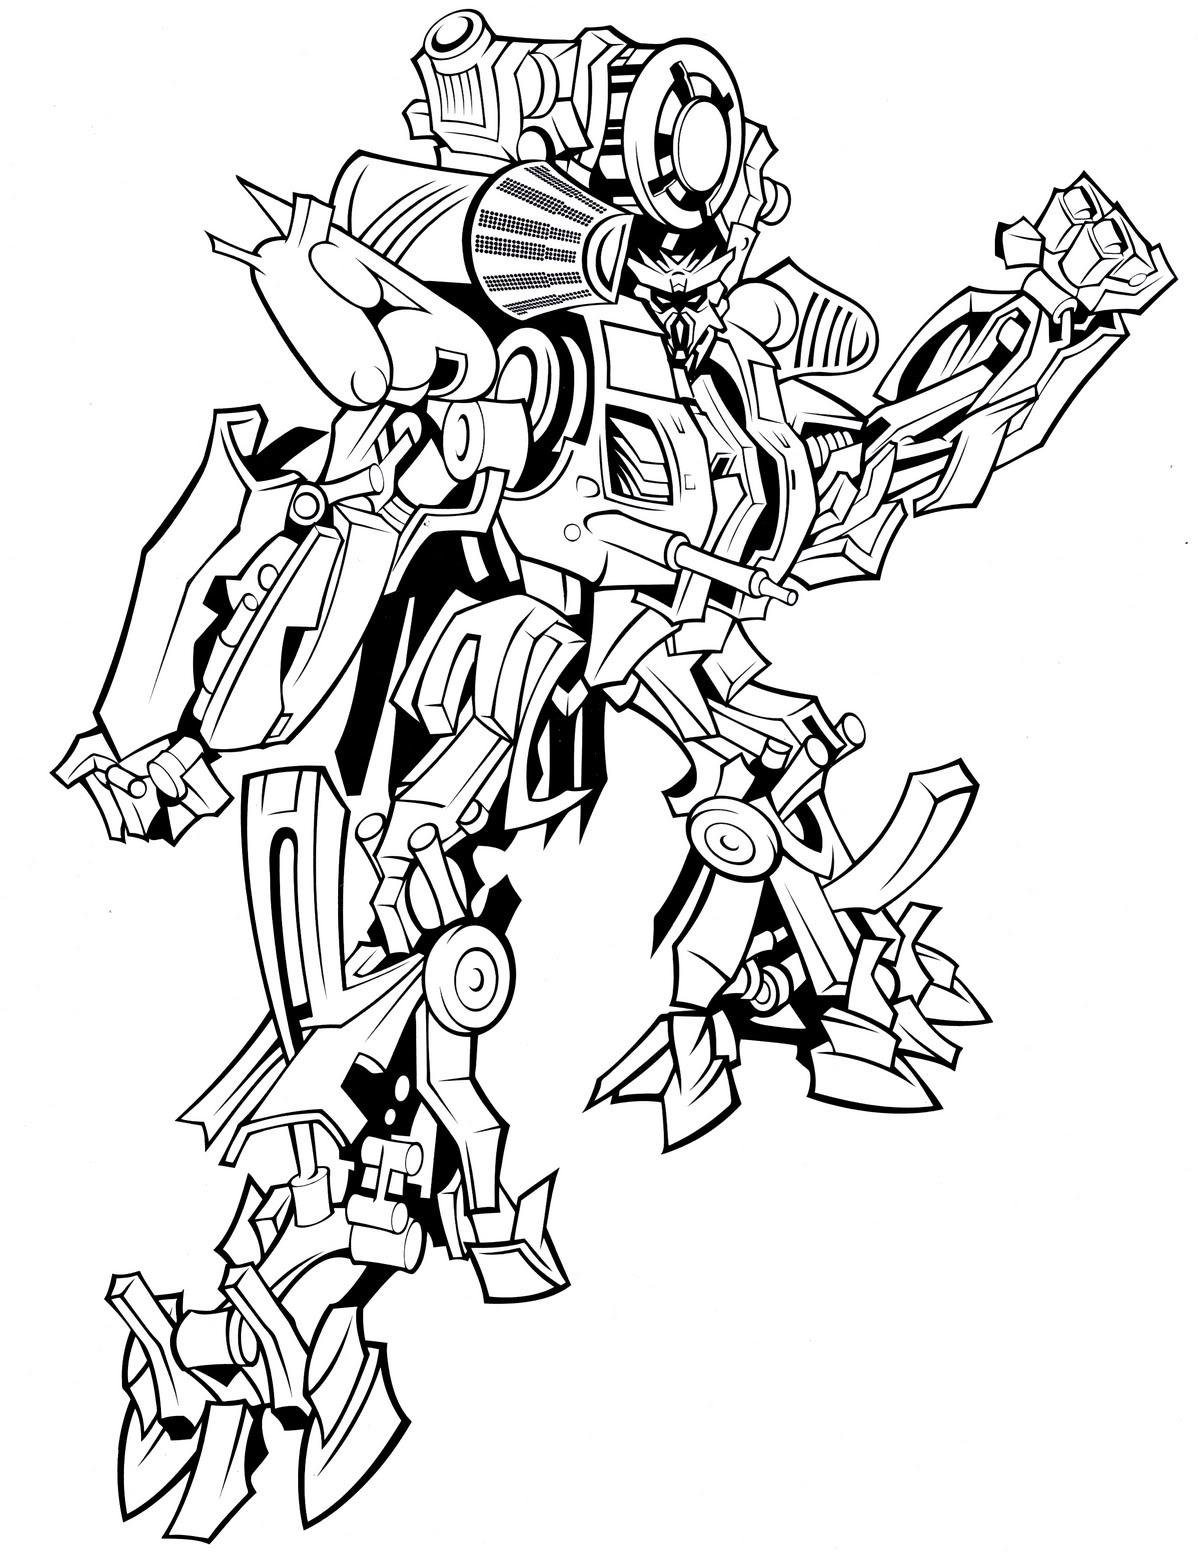 Transformers cyberseminar